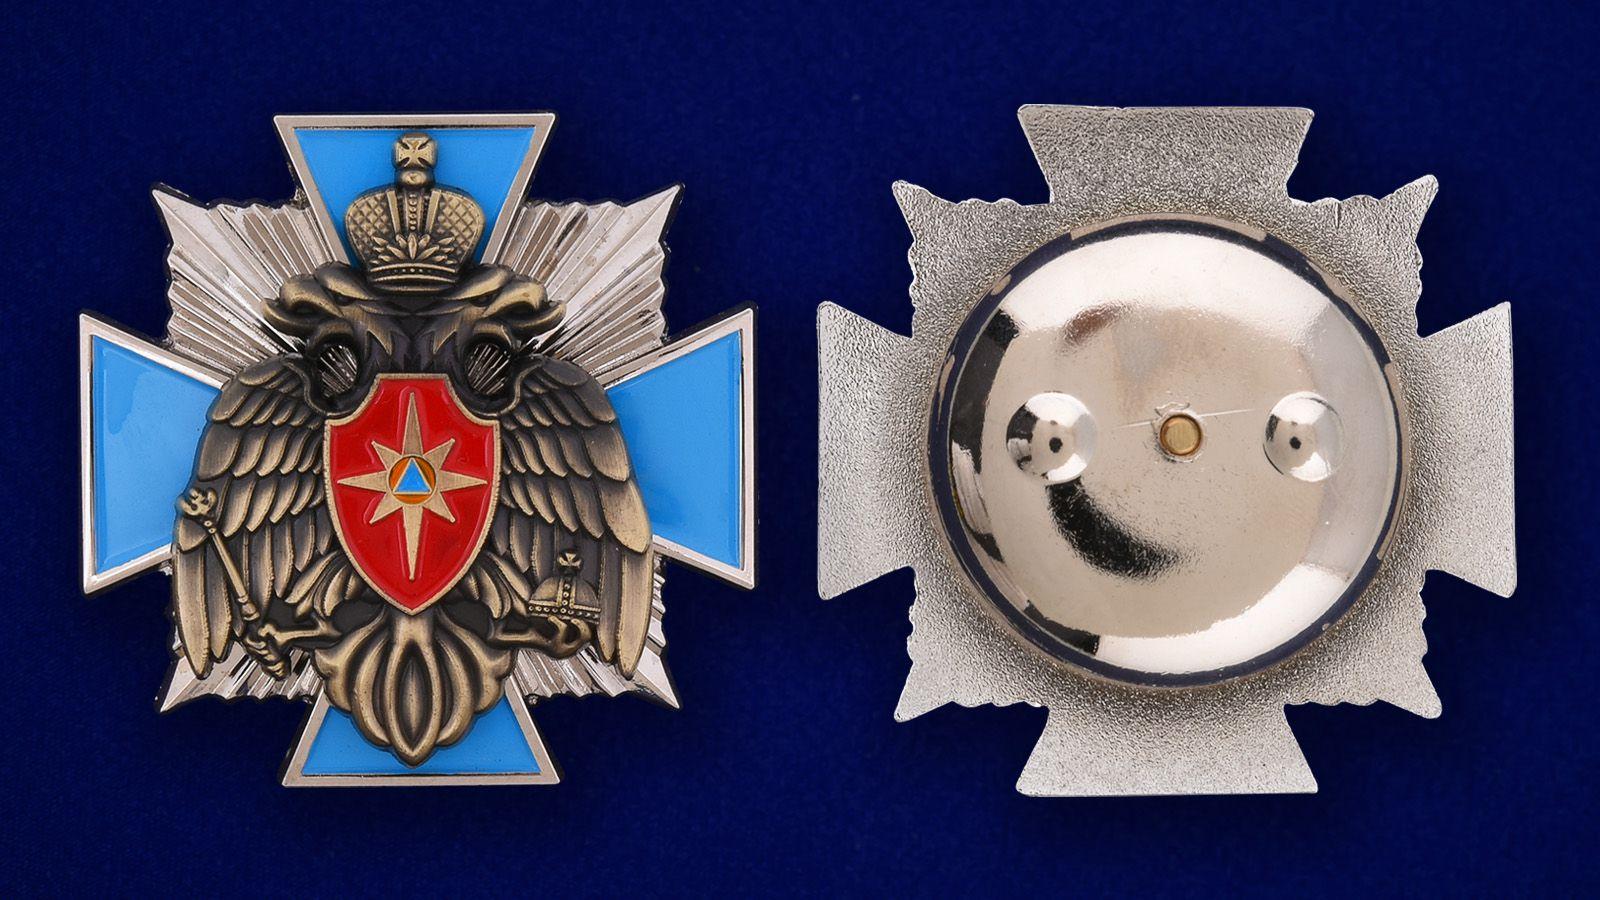 Наградной крест МЧС России в оригинальном футляре из флока - аверс и реверс